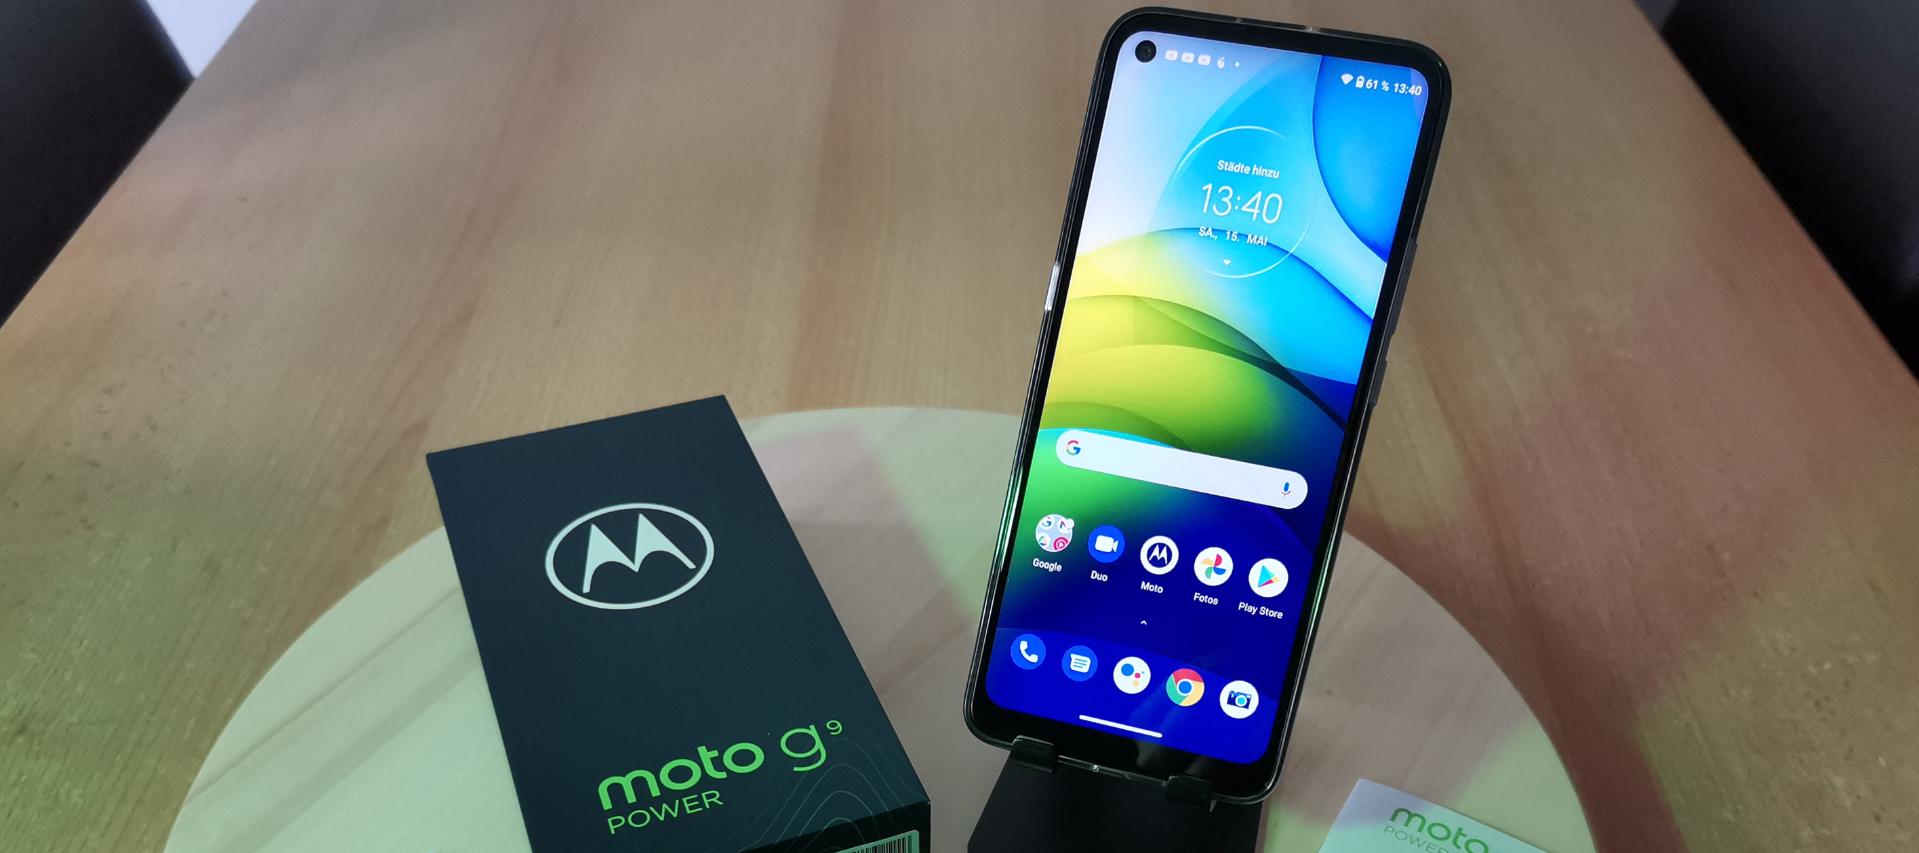 6000 mA durch den Tag - Mein Test zum Motorola G9 Power